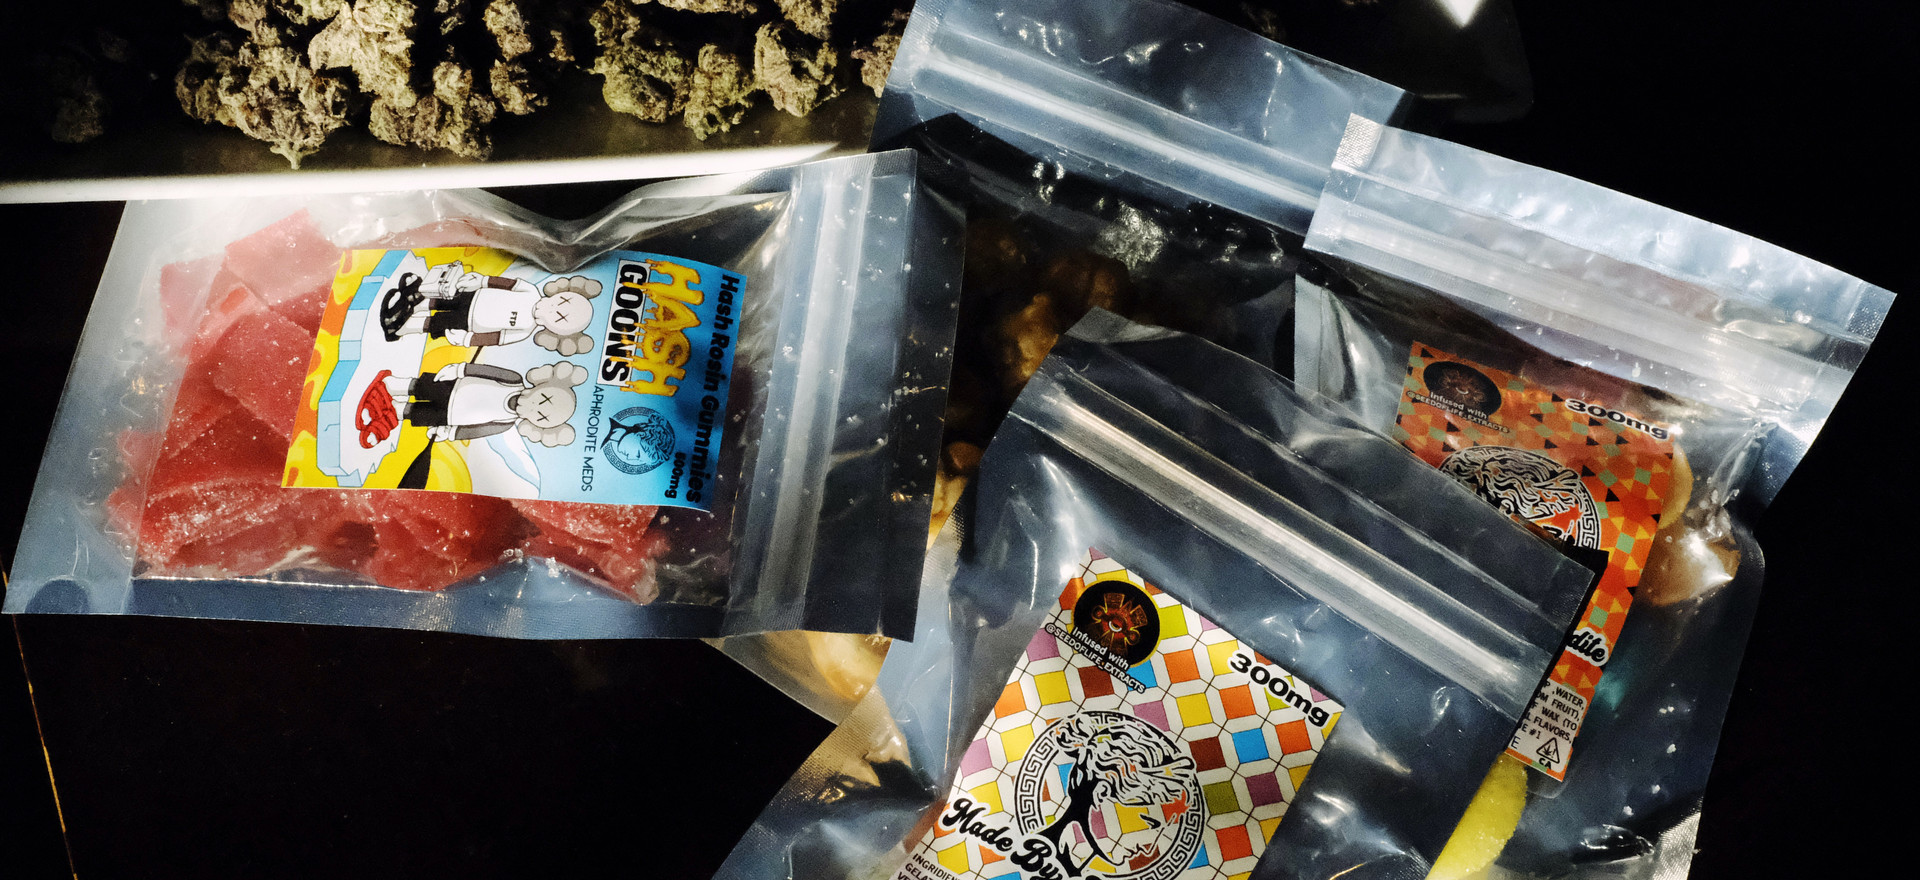 MCAN (Medical Cannabis)